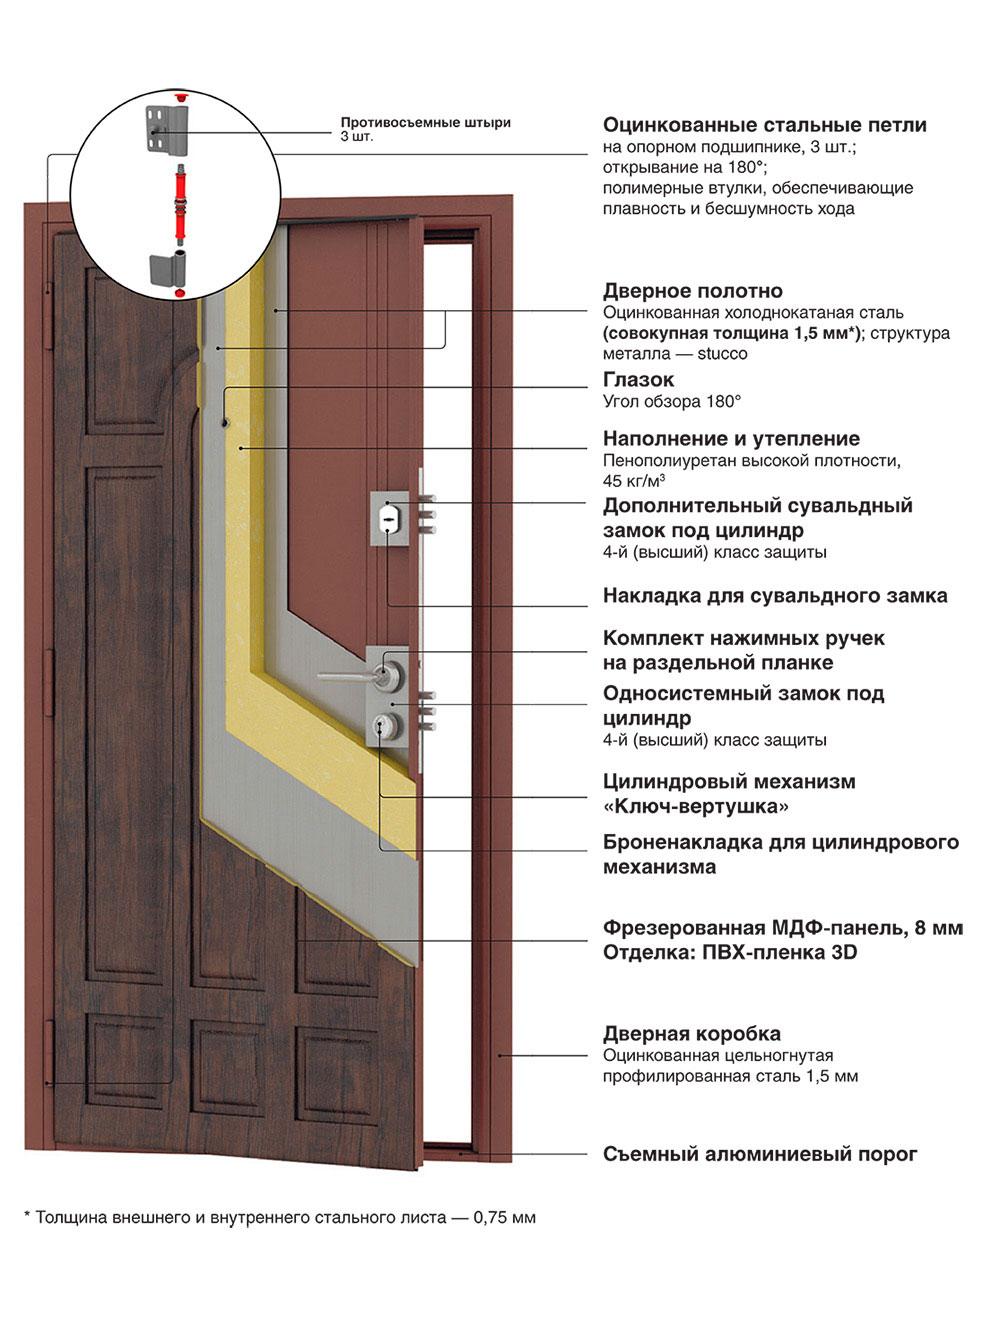 класс защиты входной двери